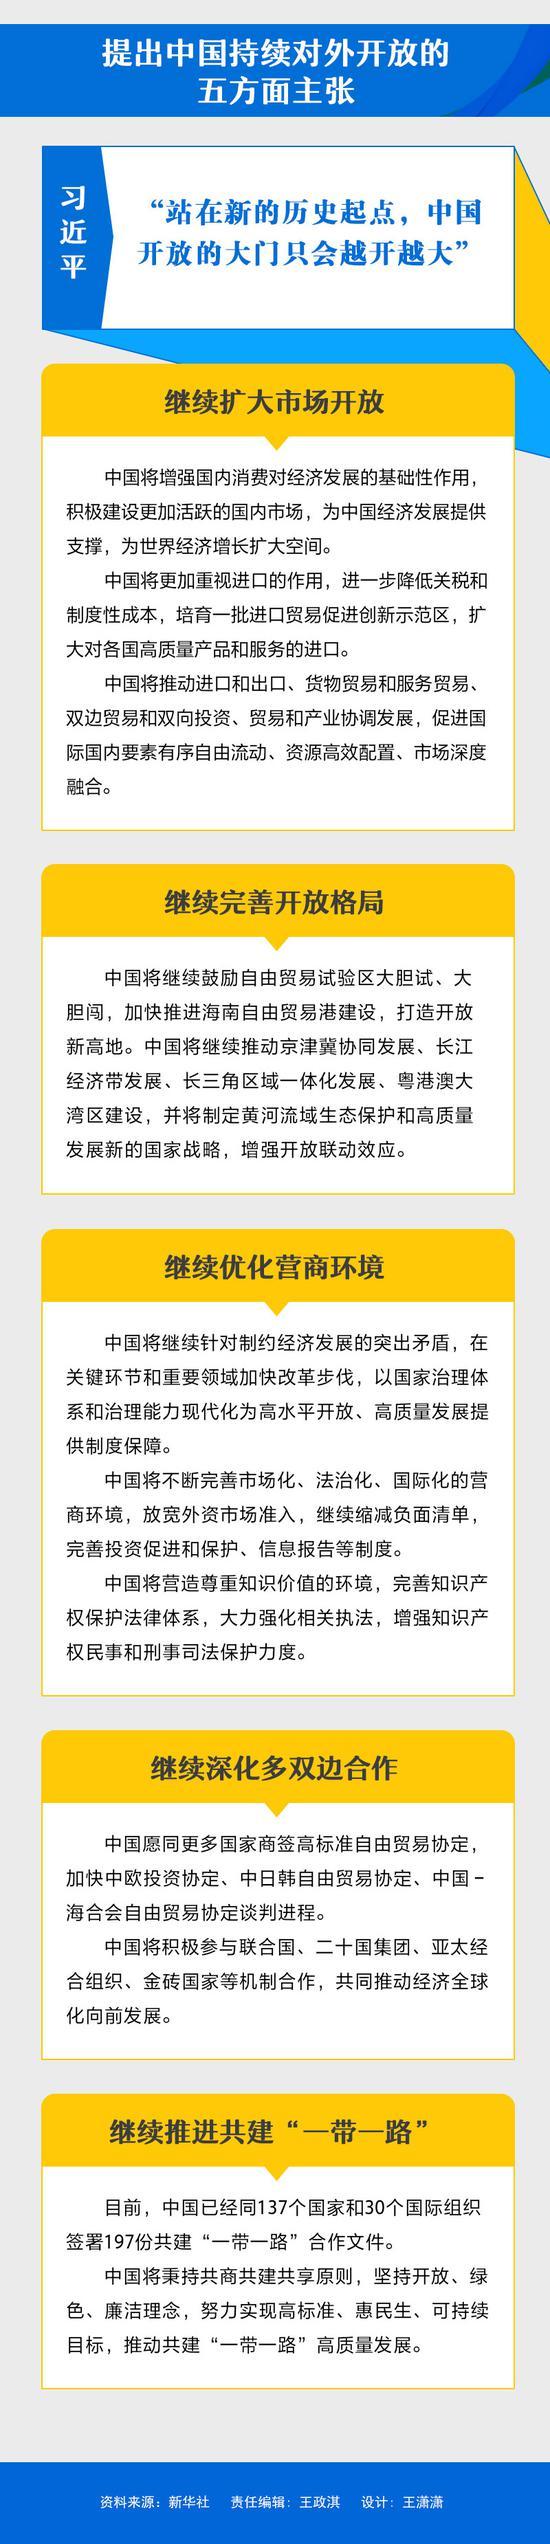 「乐乐彩娱乐场员注册」文化扶贫重大成果巴山非遗小镇乡愁馆在陕西岚皋开馆